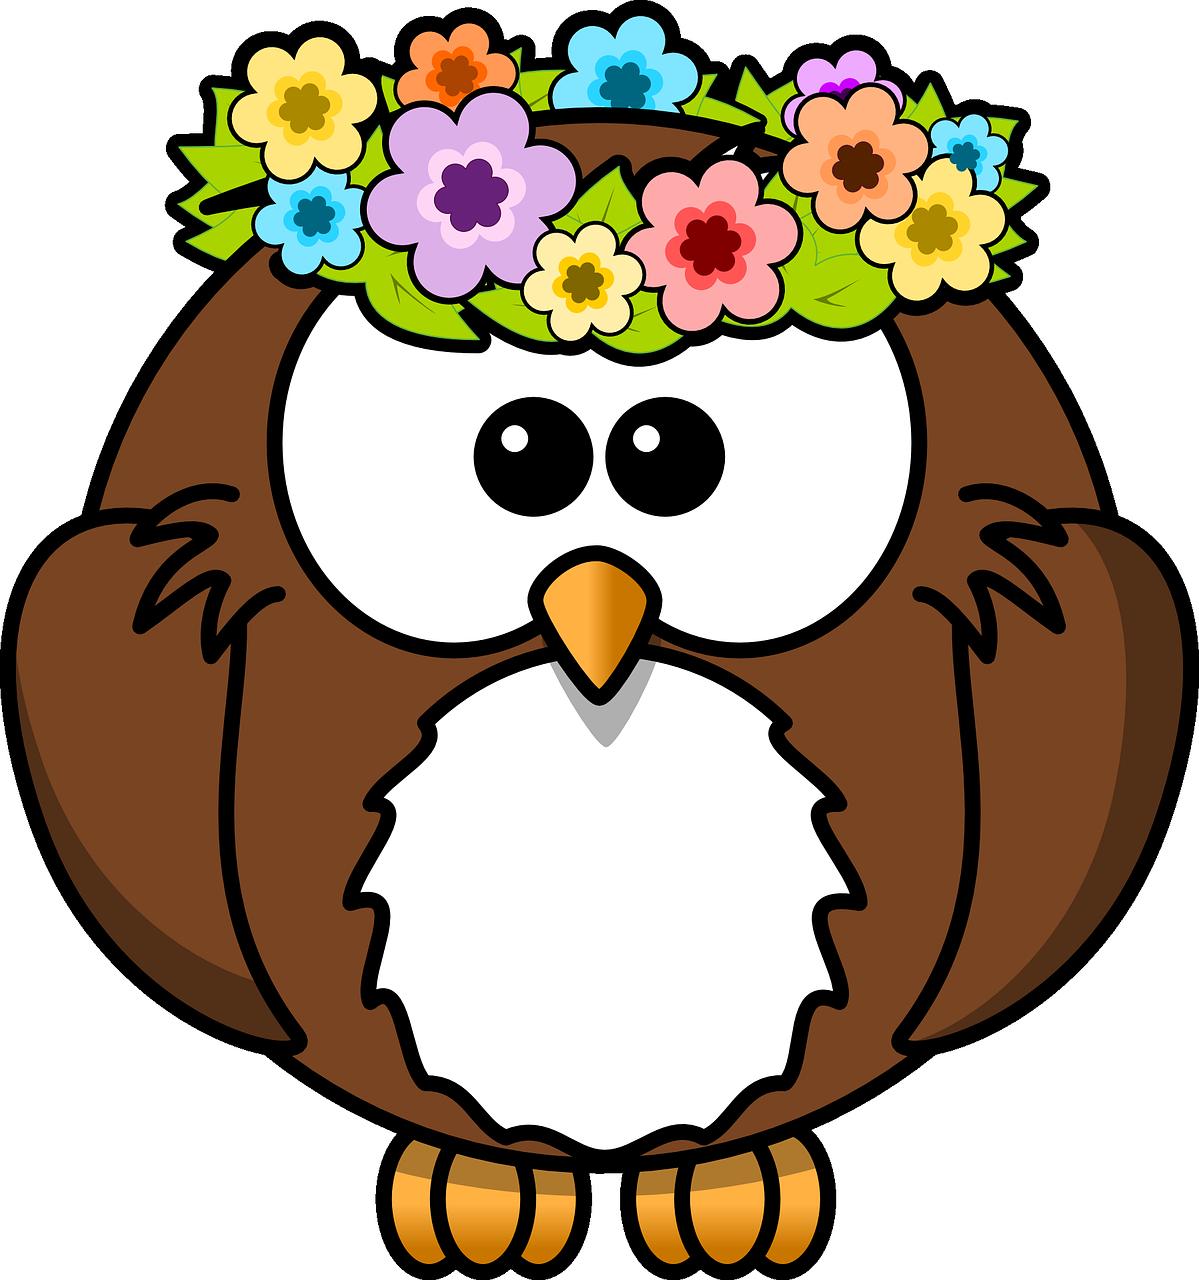 Image gratuite sur pixabay chouette des animaux oiseau hiboux chouette image oiseau et - Image de chouette gratuite ...